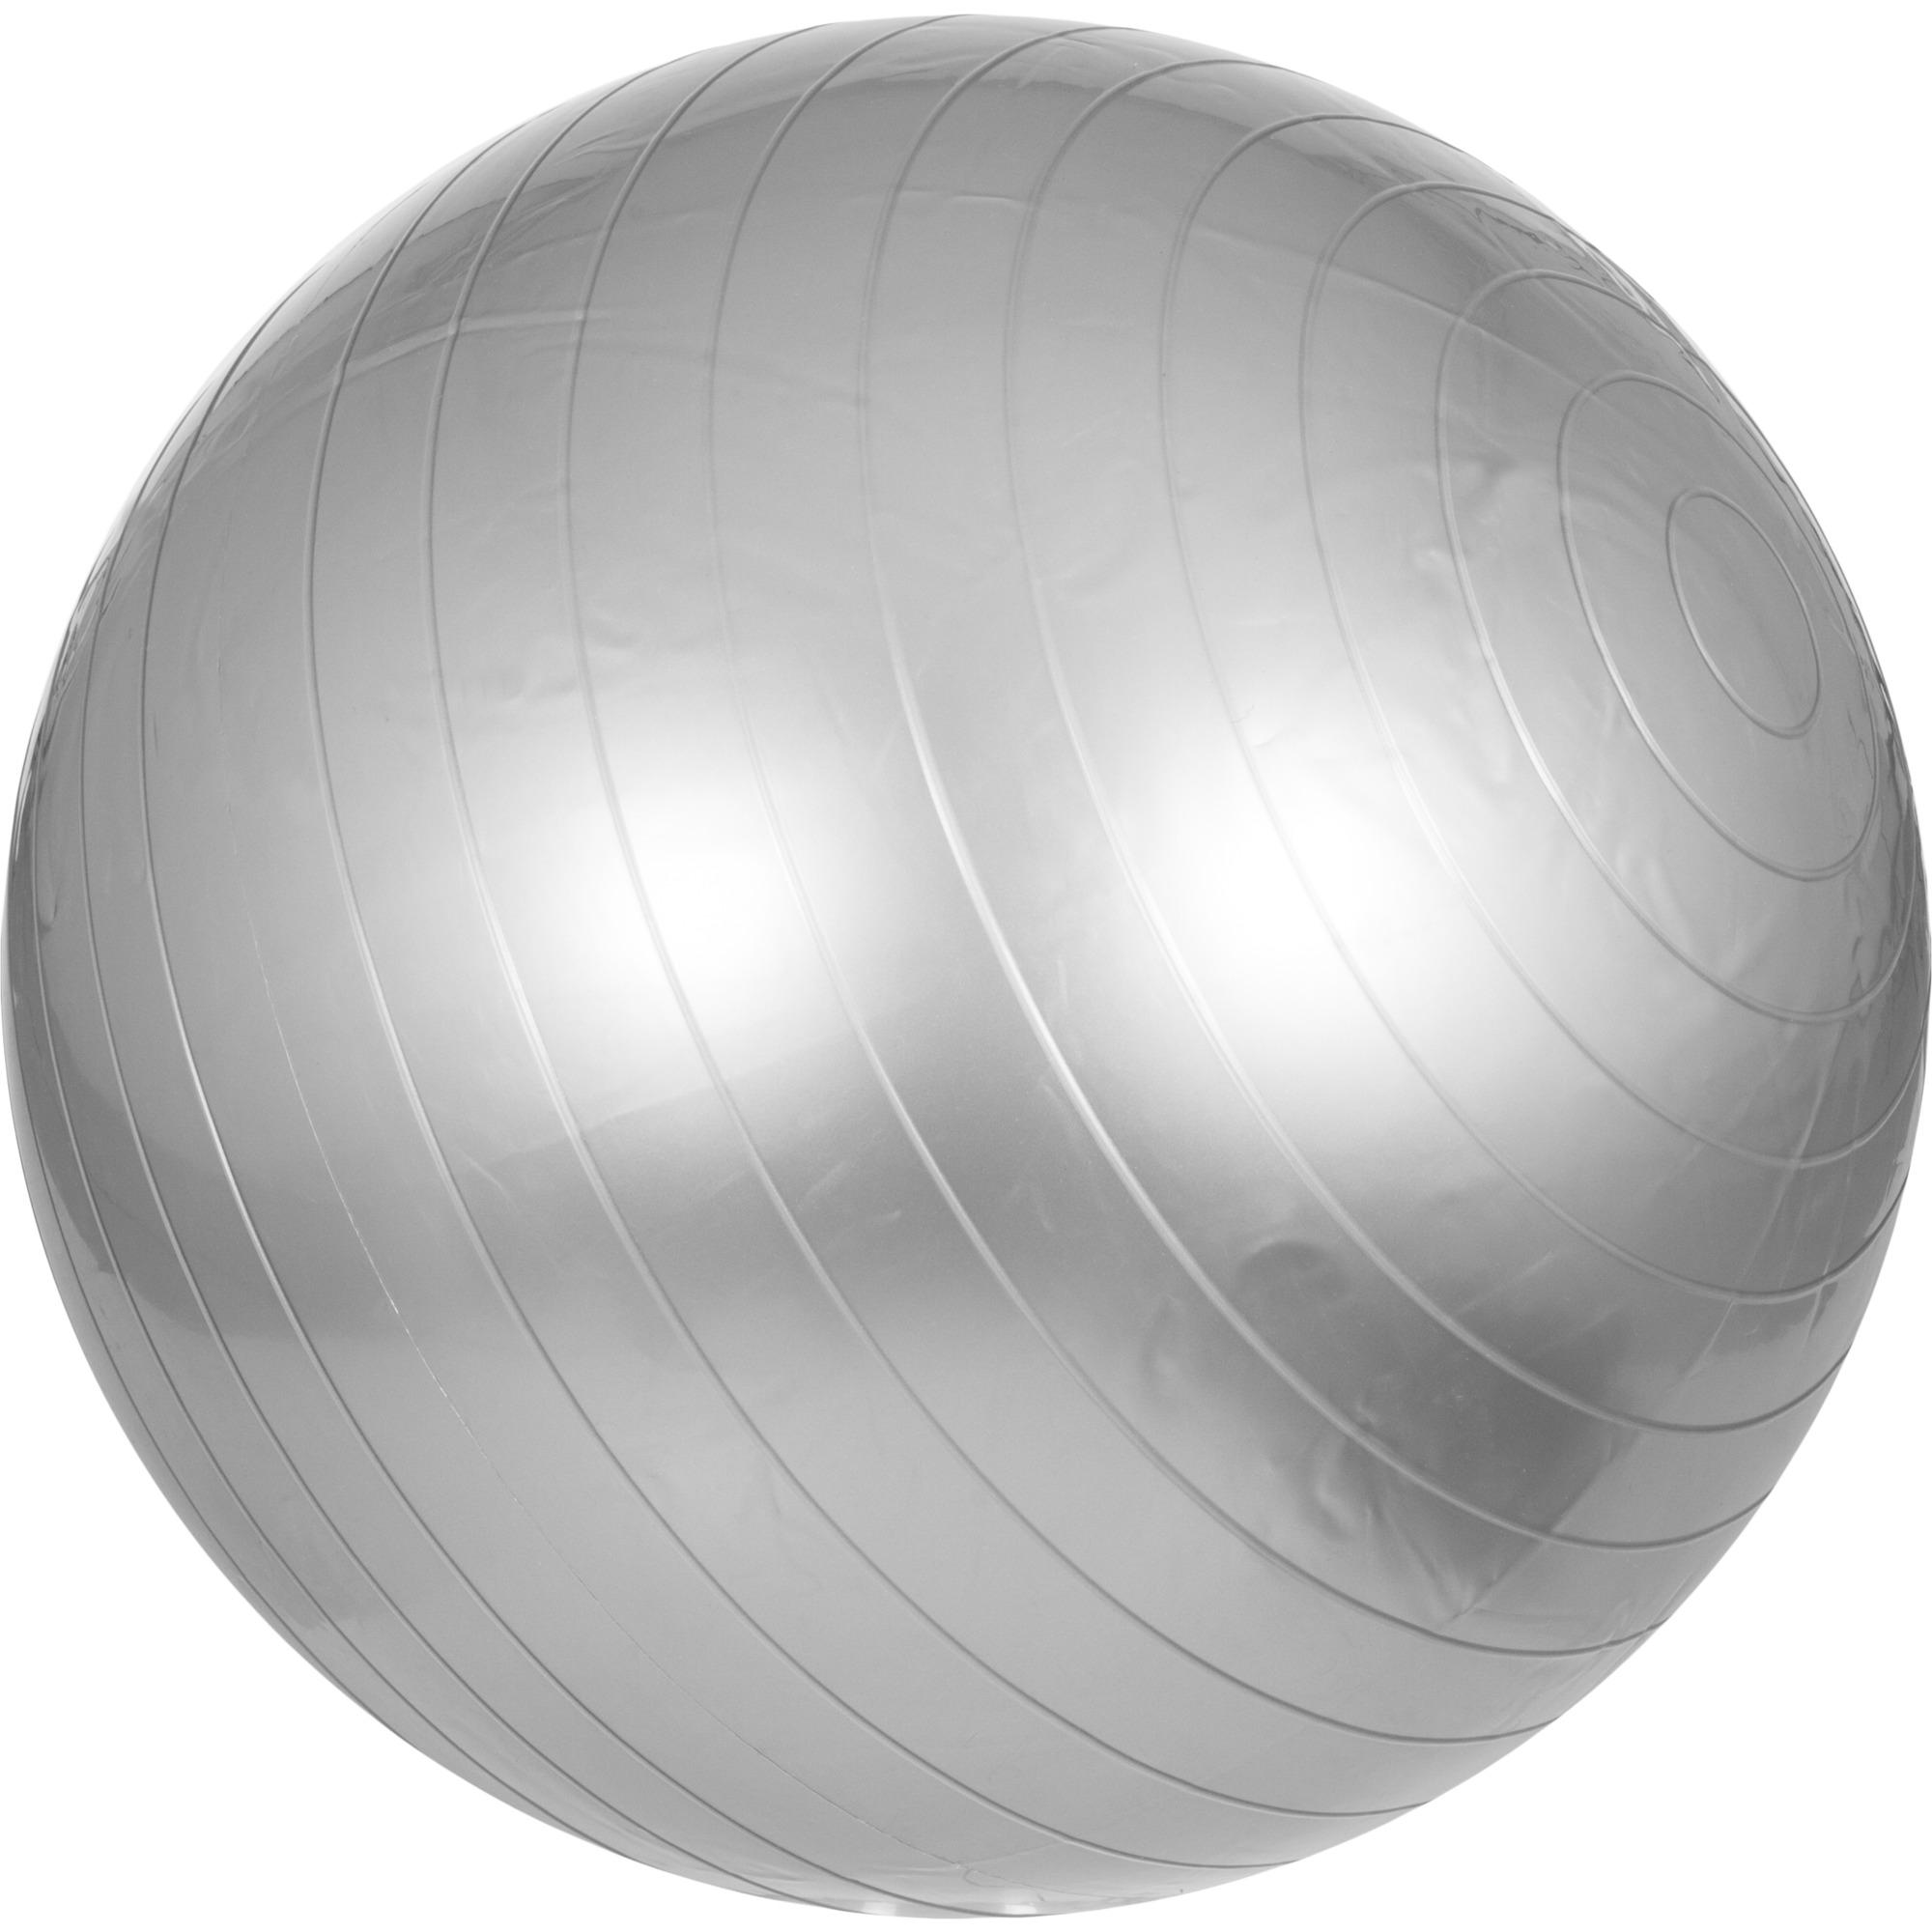 Gymnastikball Grau 55 cm